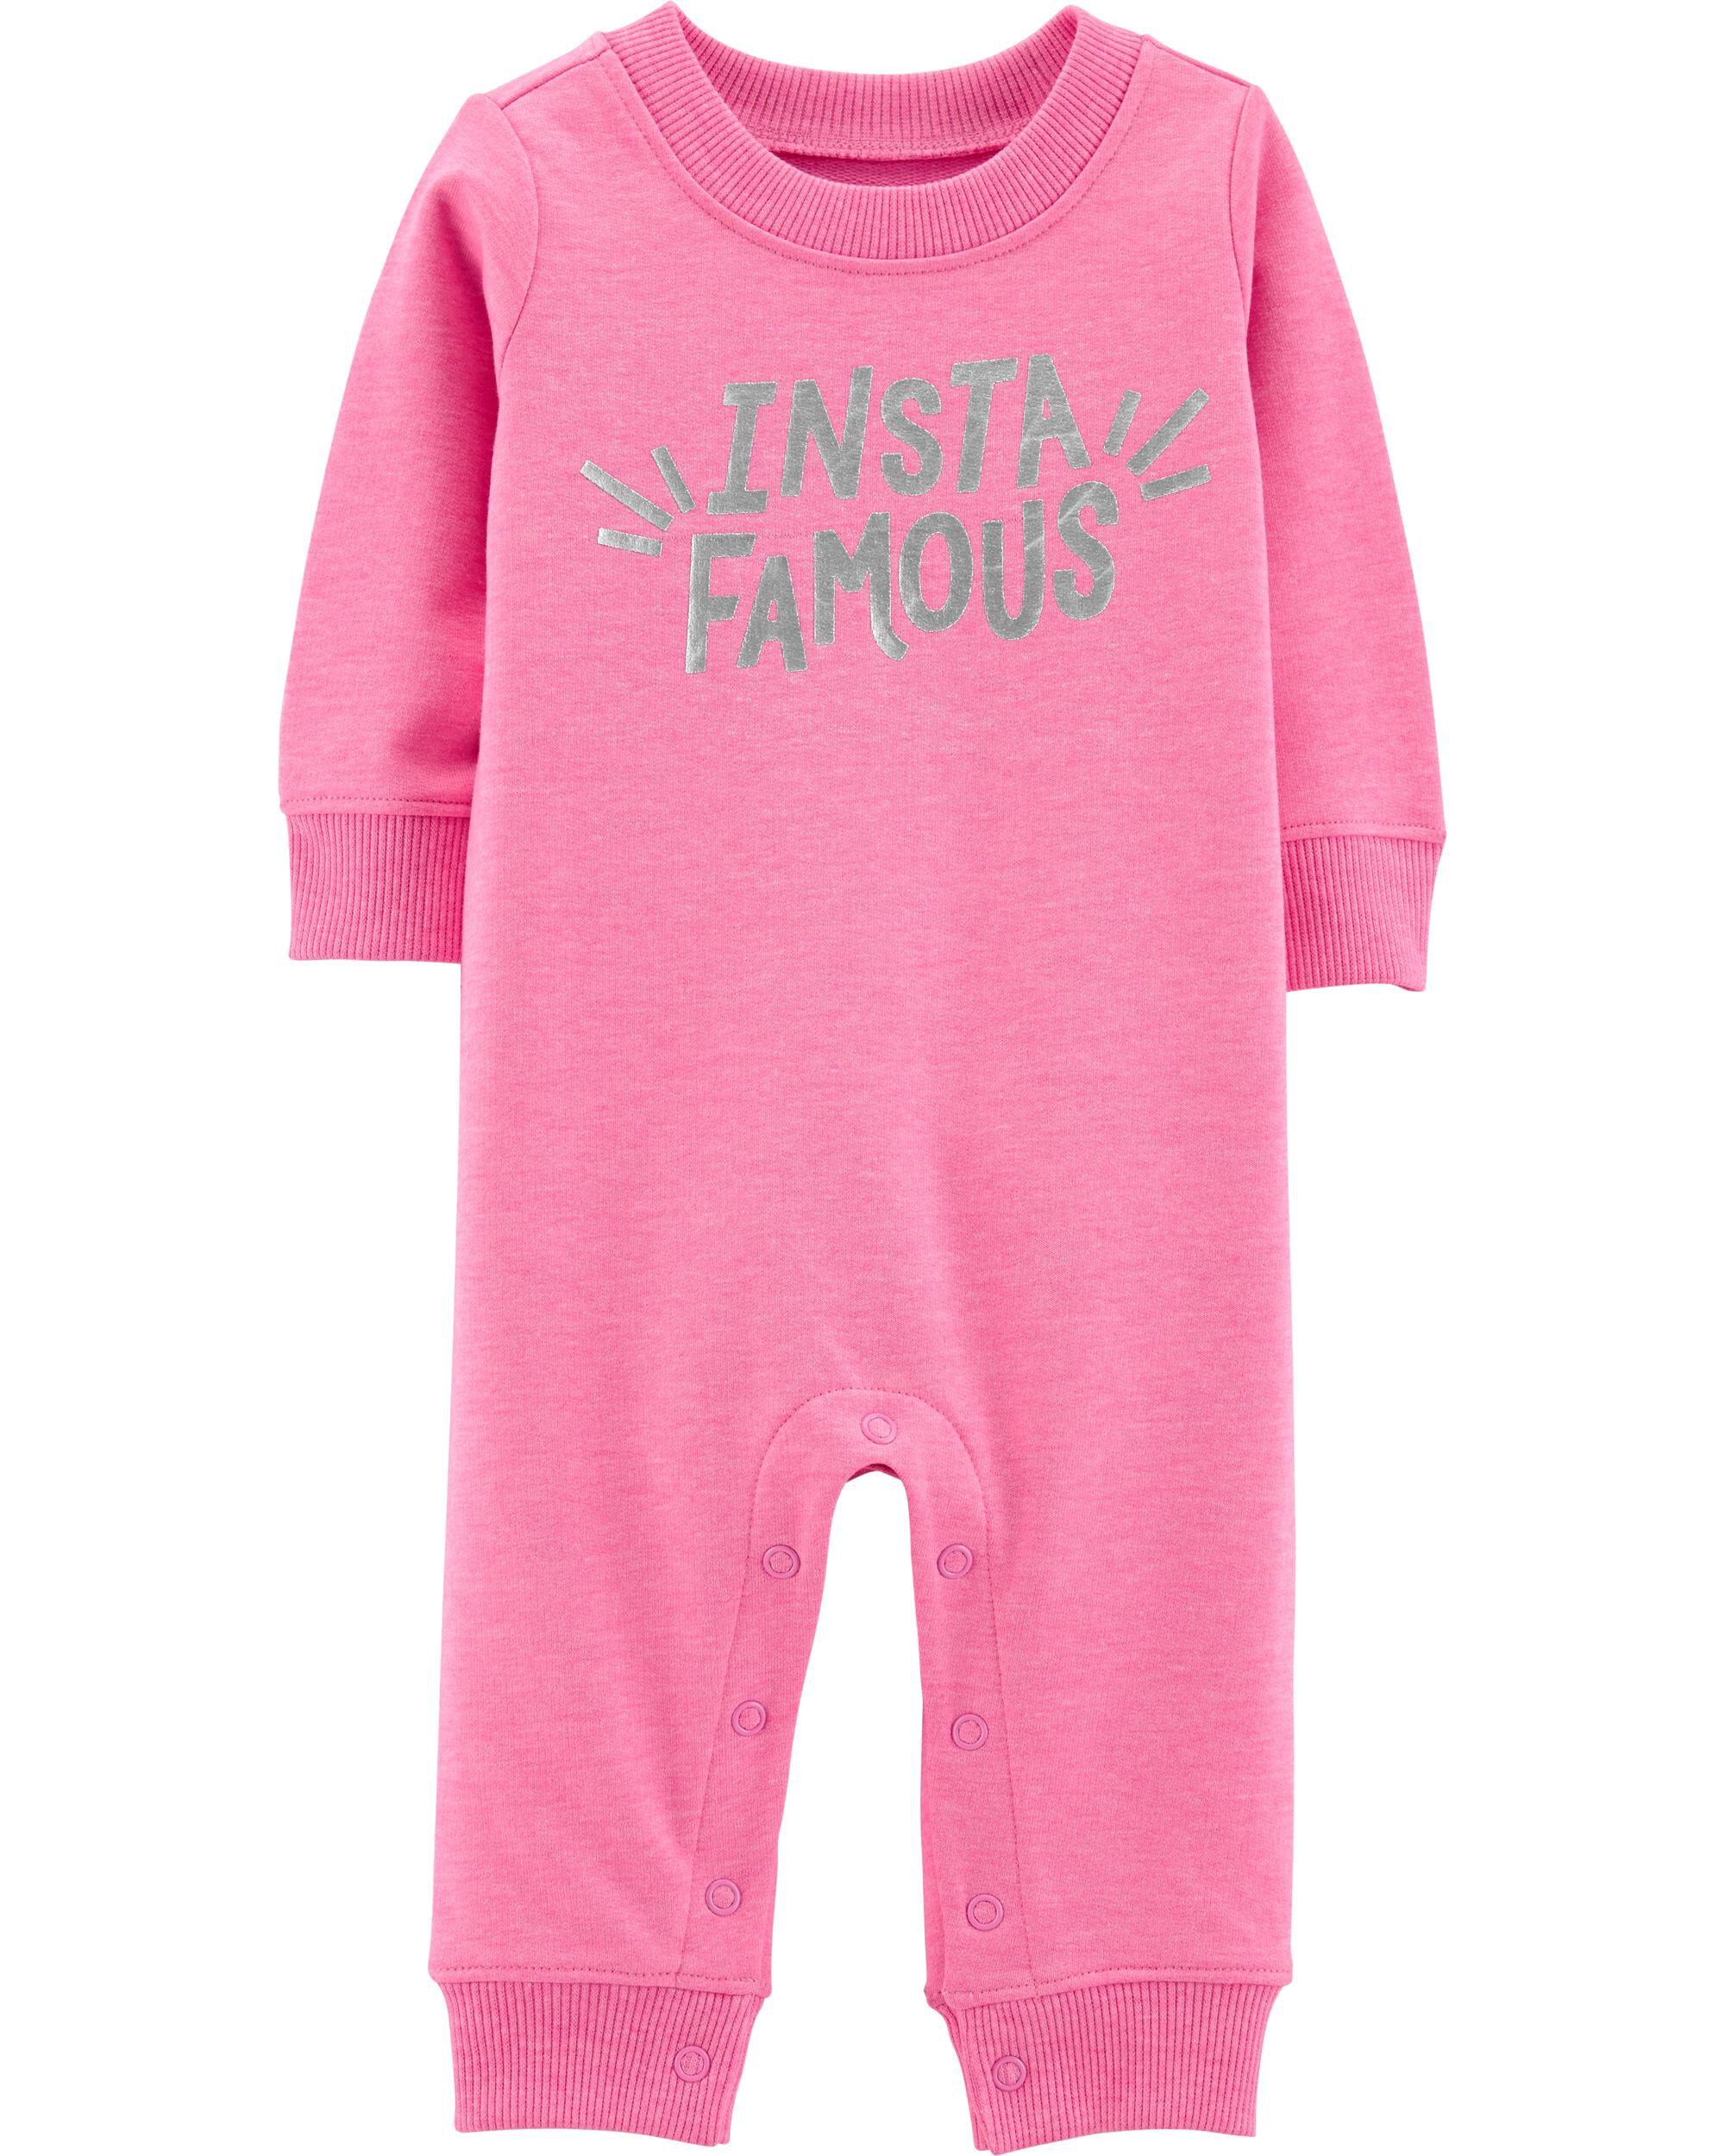 Insta Famous Jumpsuit